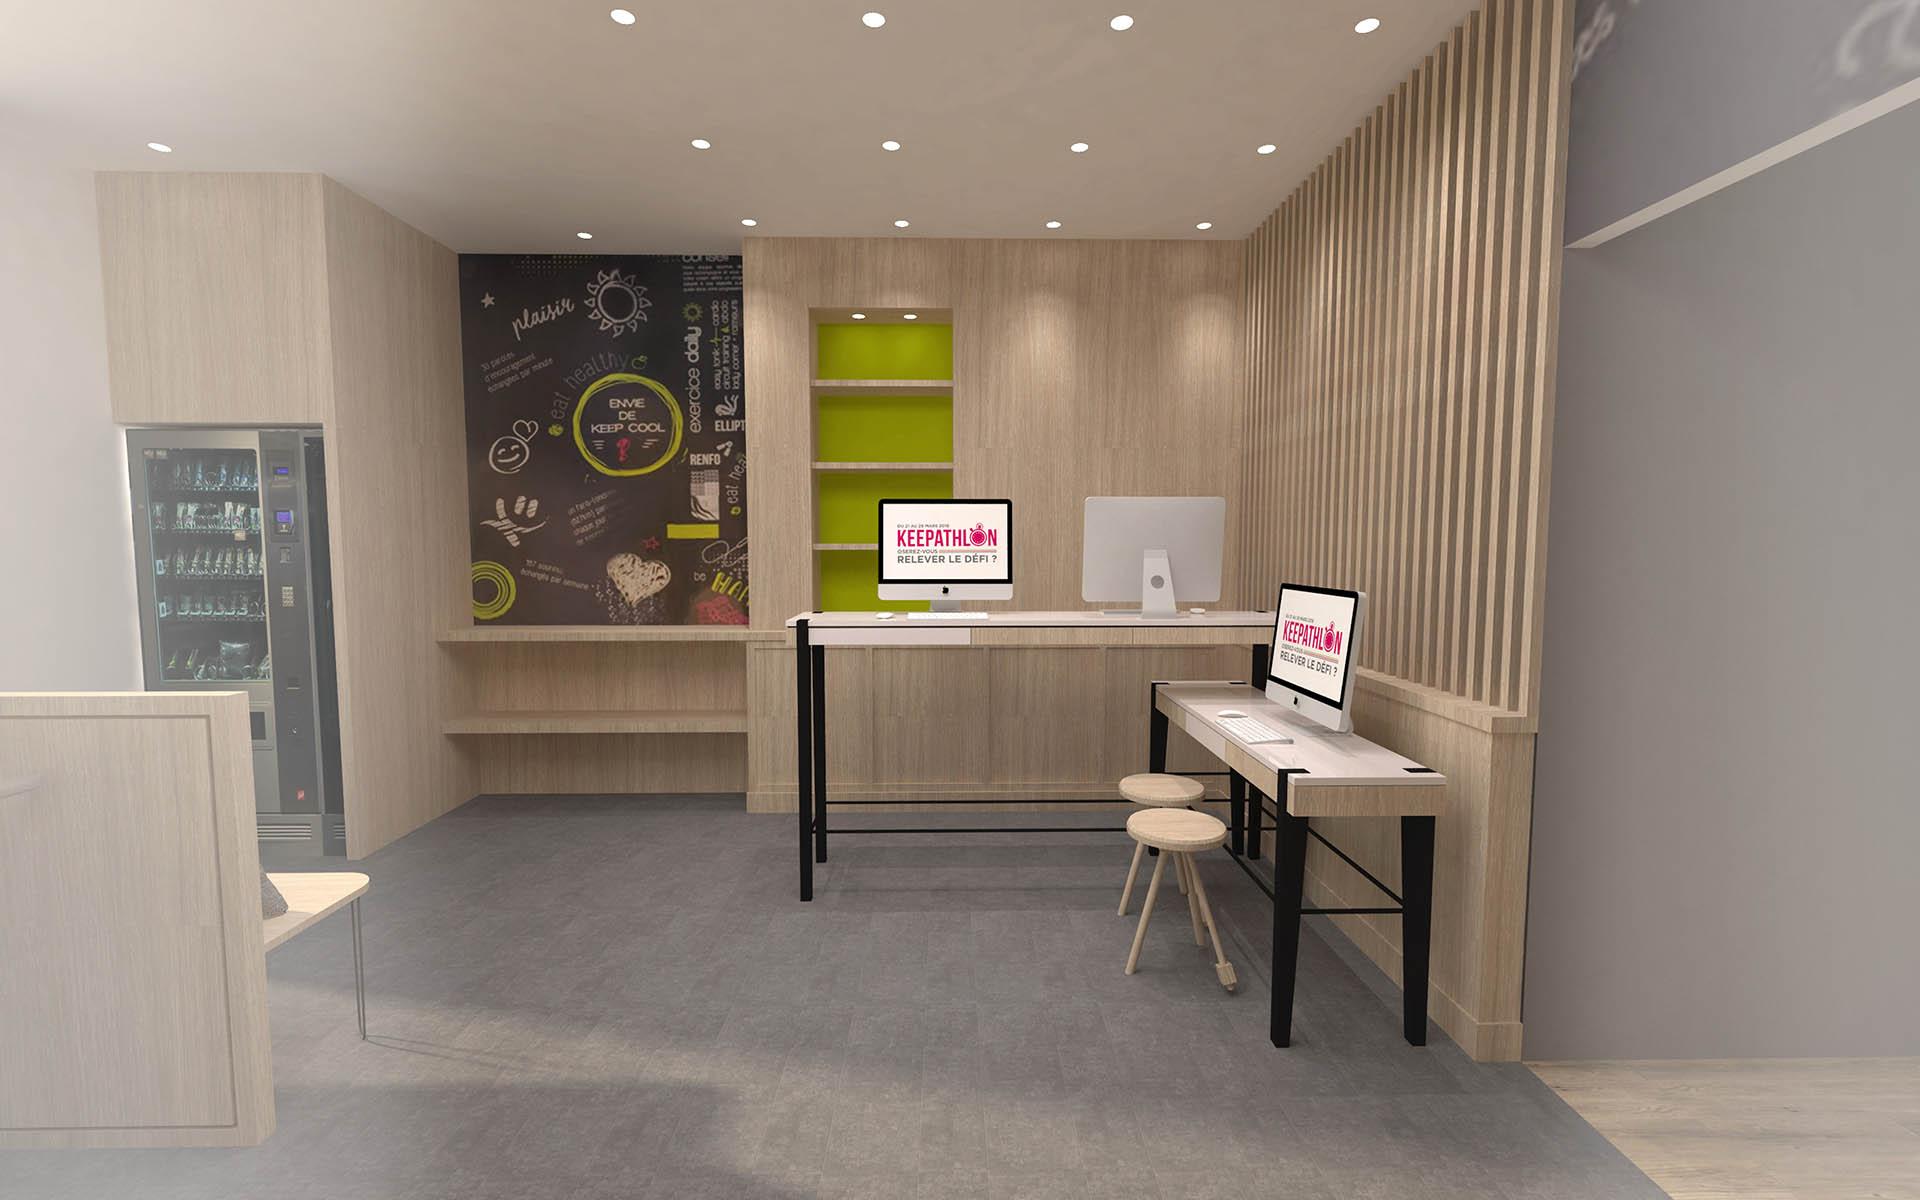 L architecte intérieur salle de sport keepcool (10)